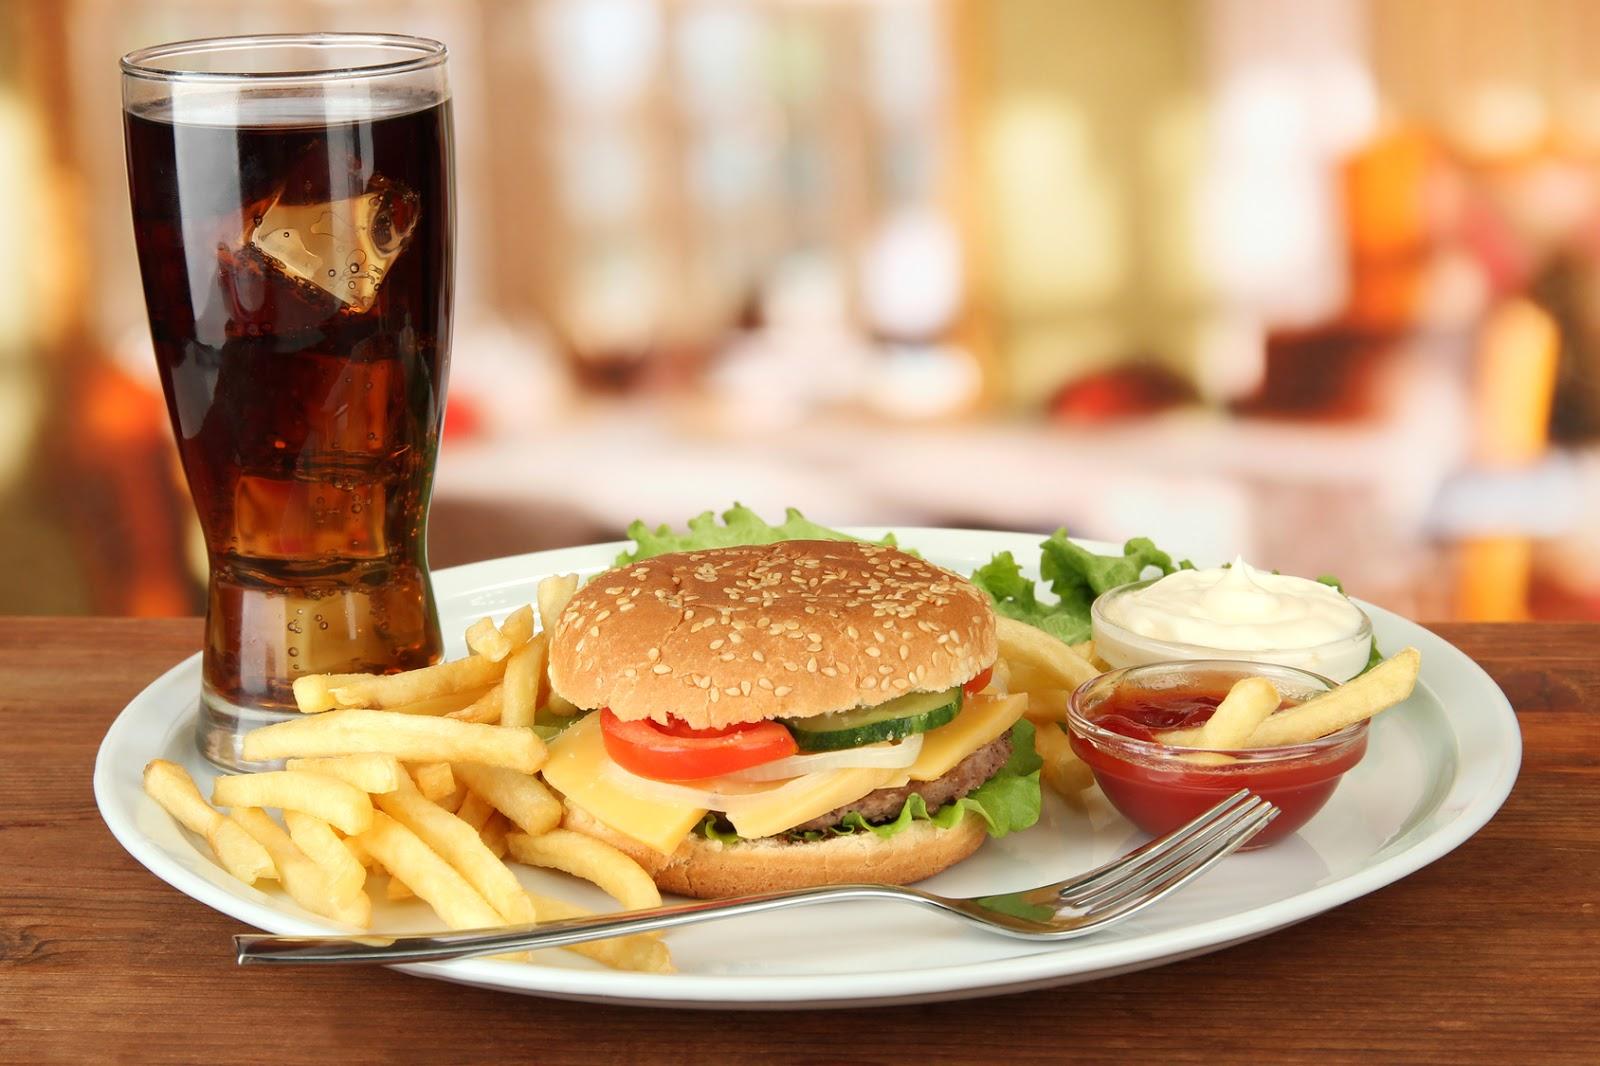 Food And Drink: מעבר לפליאו: אבולוציית התזונה הפליאוליטית בחמש תמונות